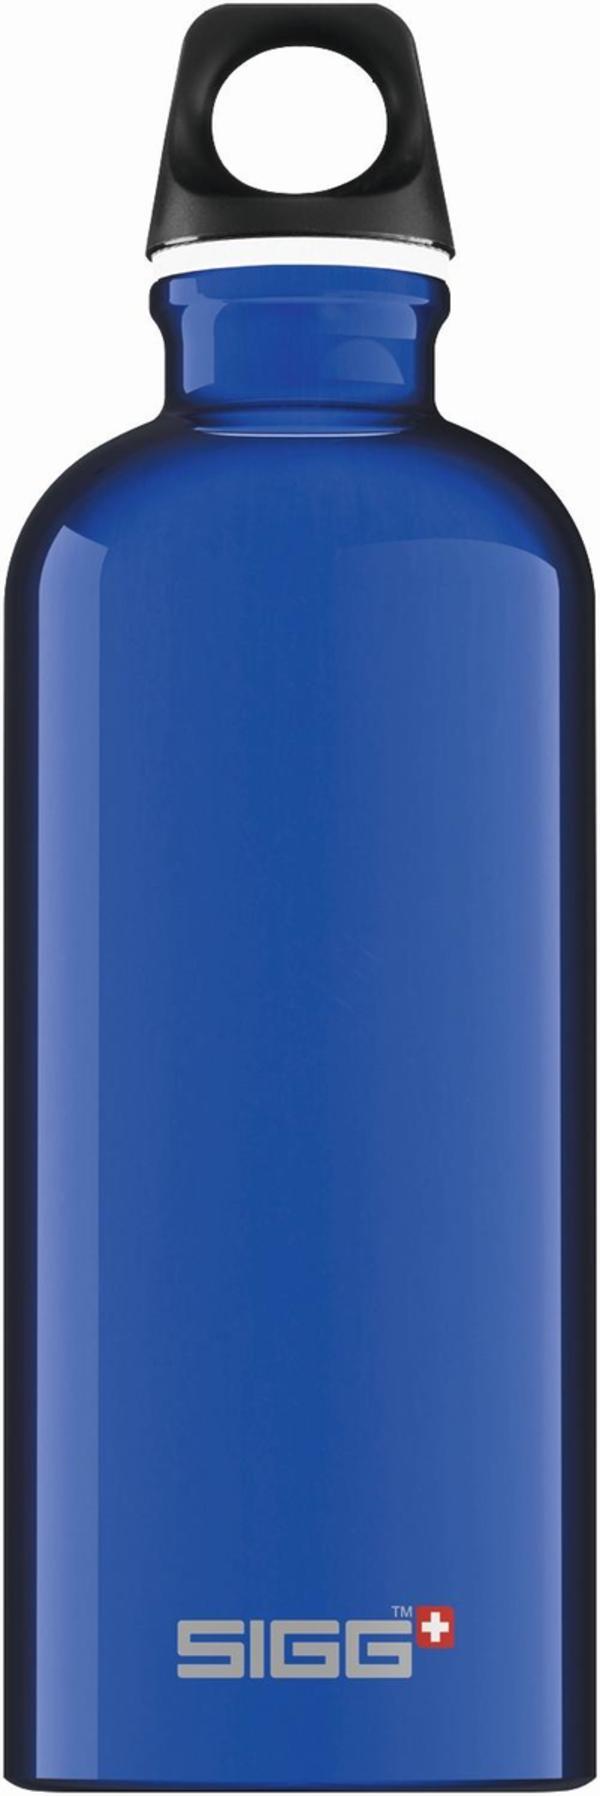 SIGG Trinkflasche Alu Traveller Dark Blue 0.6l